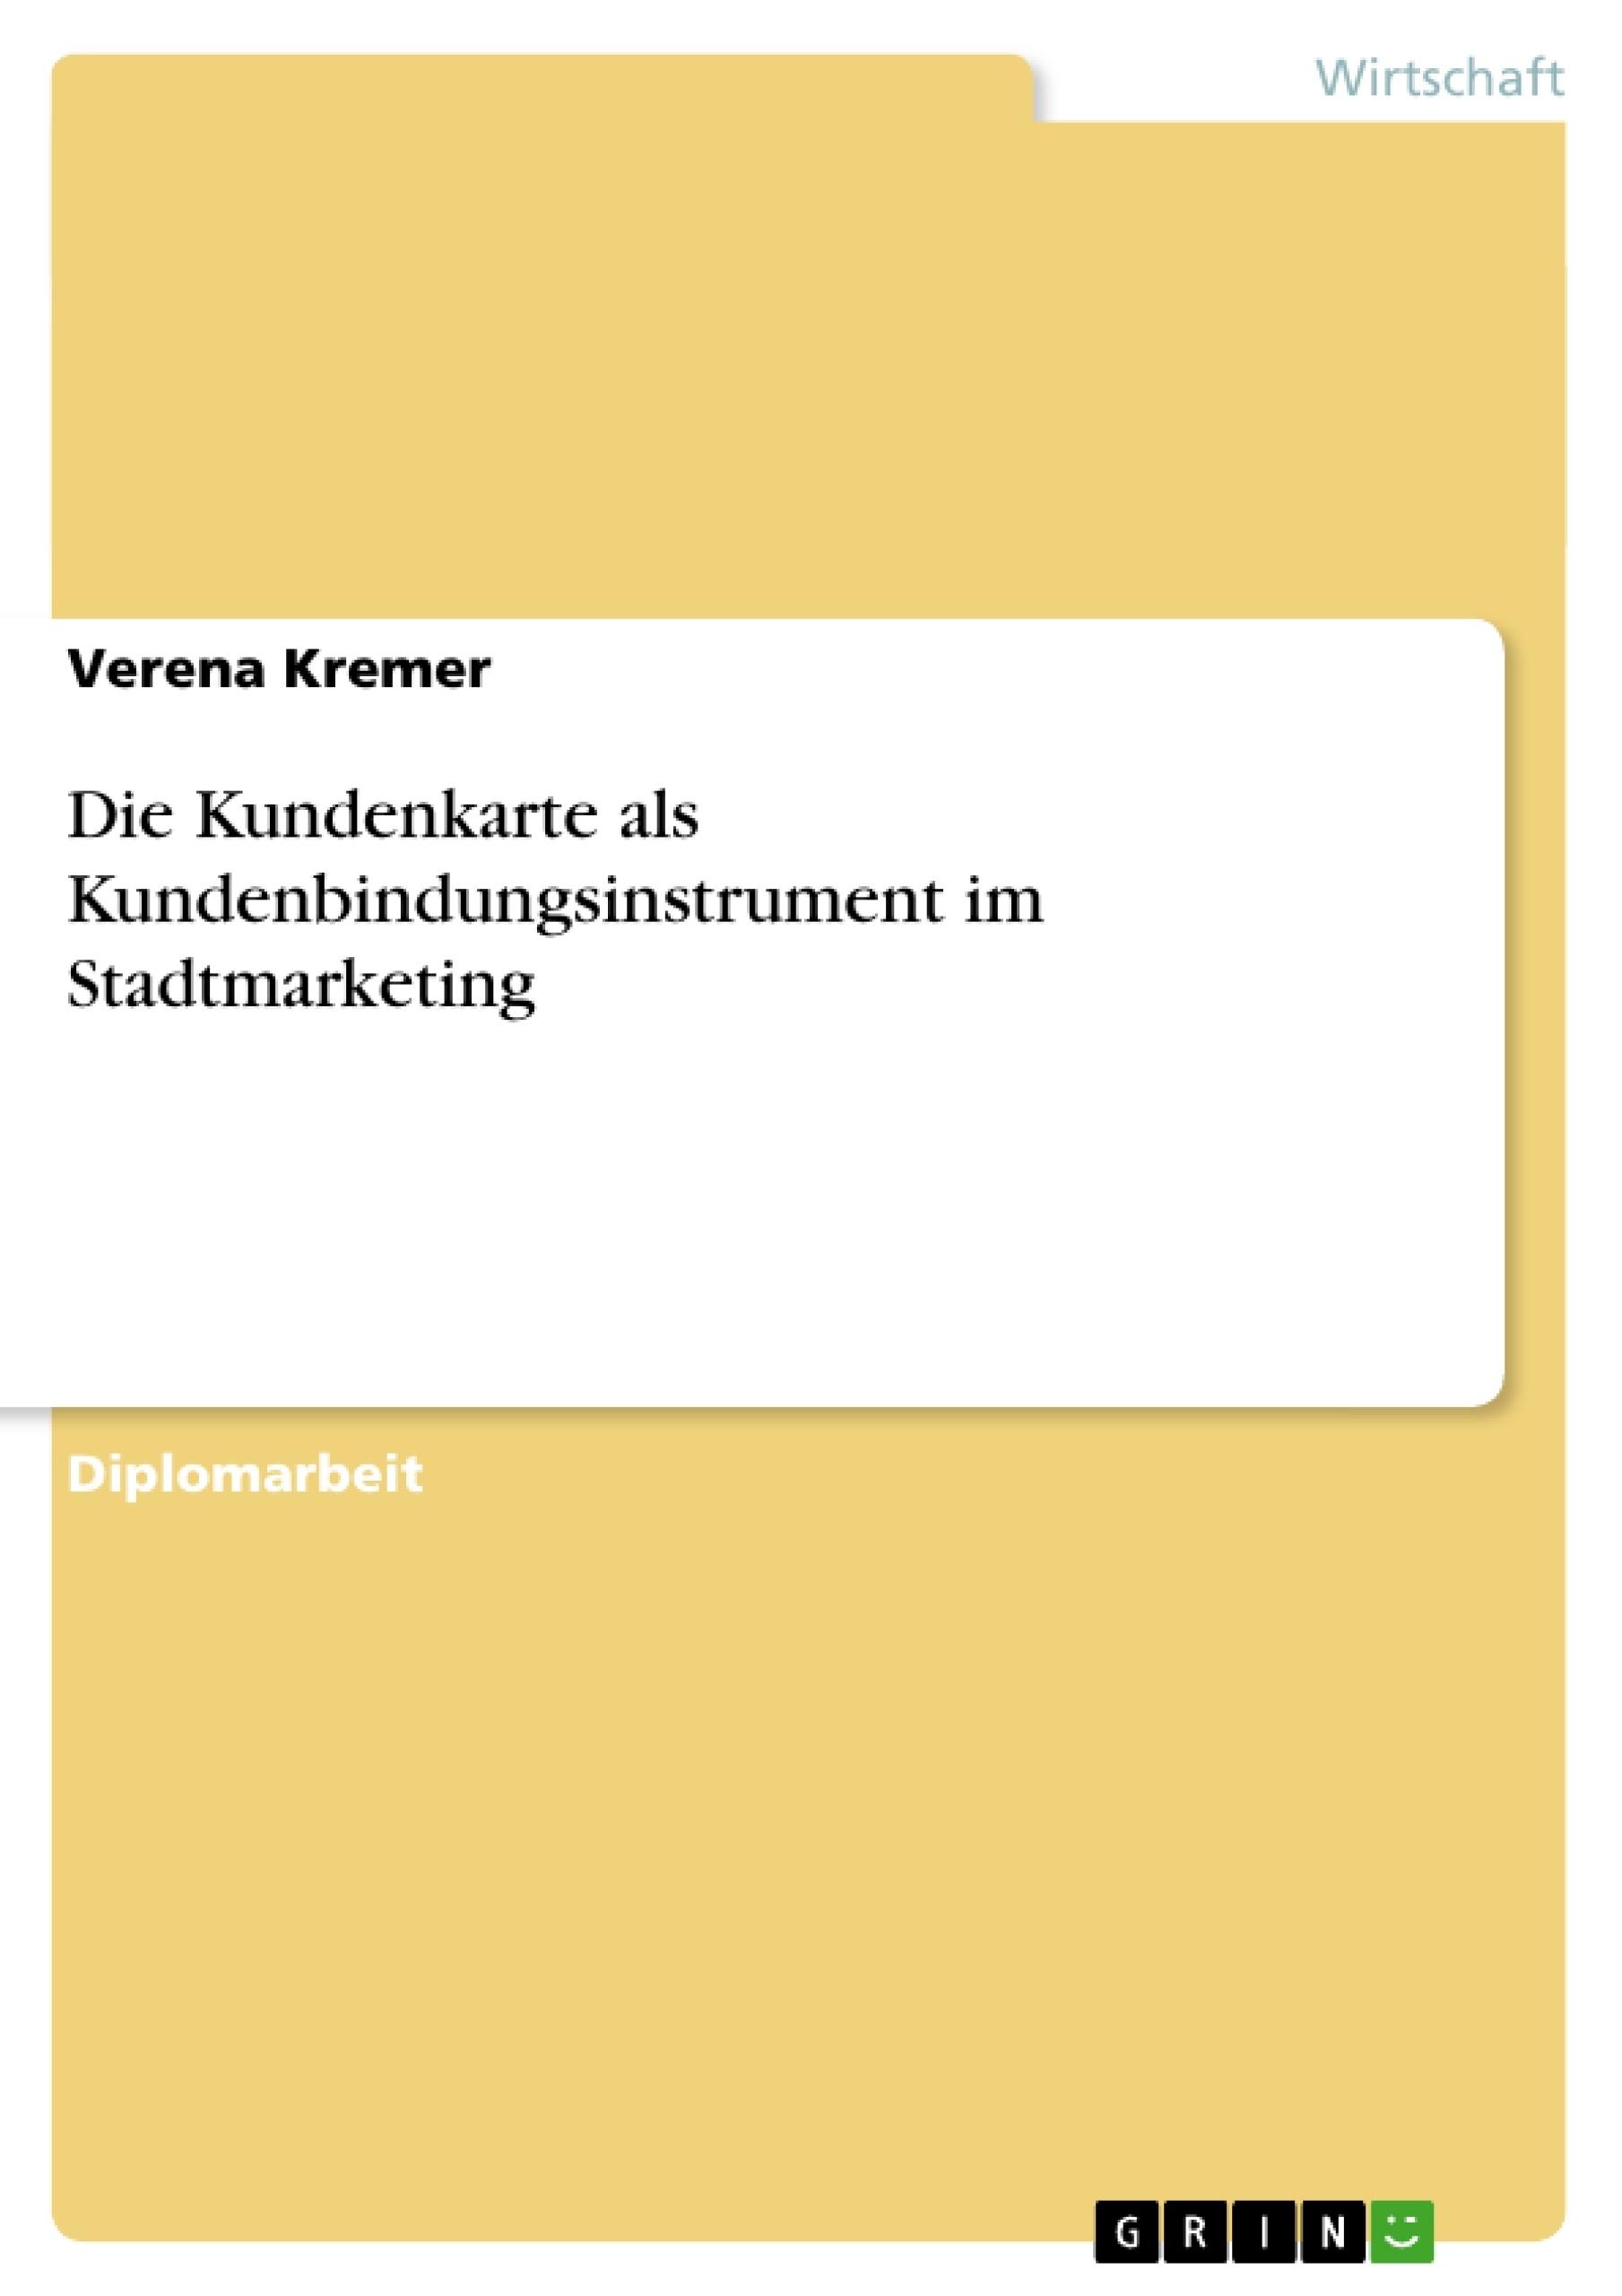 Titel: Die Kundenkarte als Kundenbindungsinstrument im Stadtmarketing